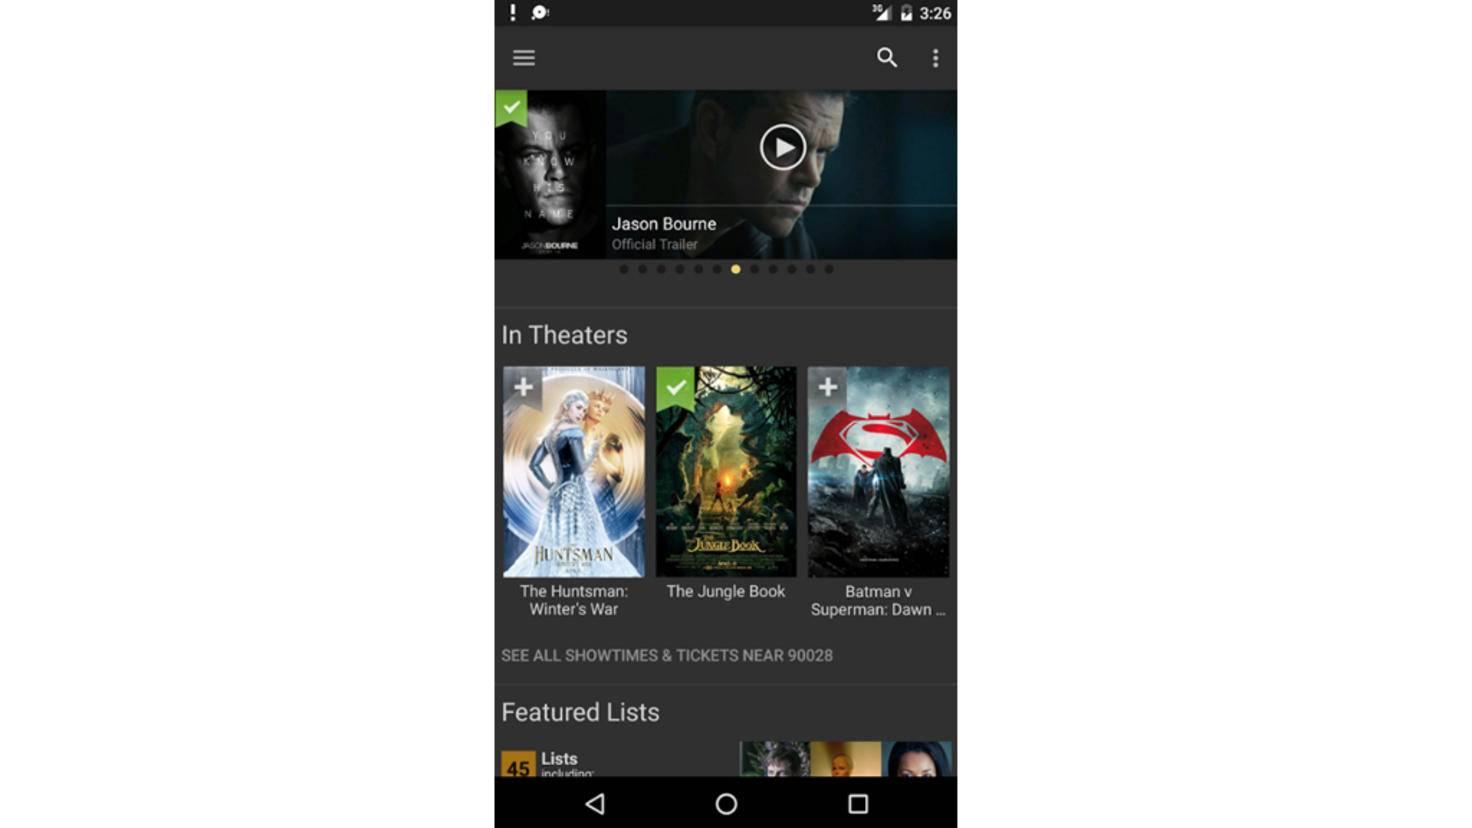 _IMDb_Google-Play_IMDb